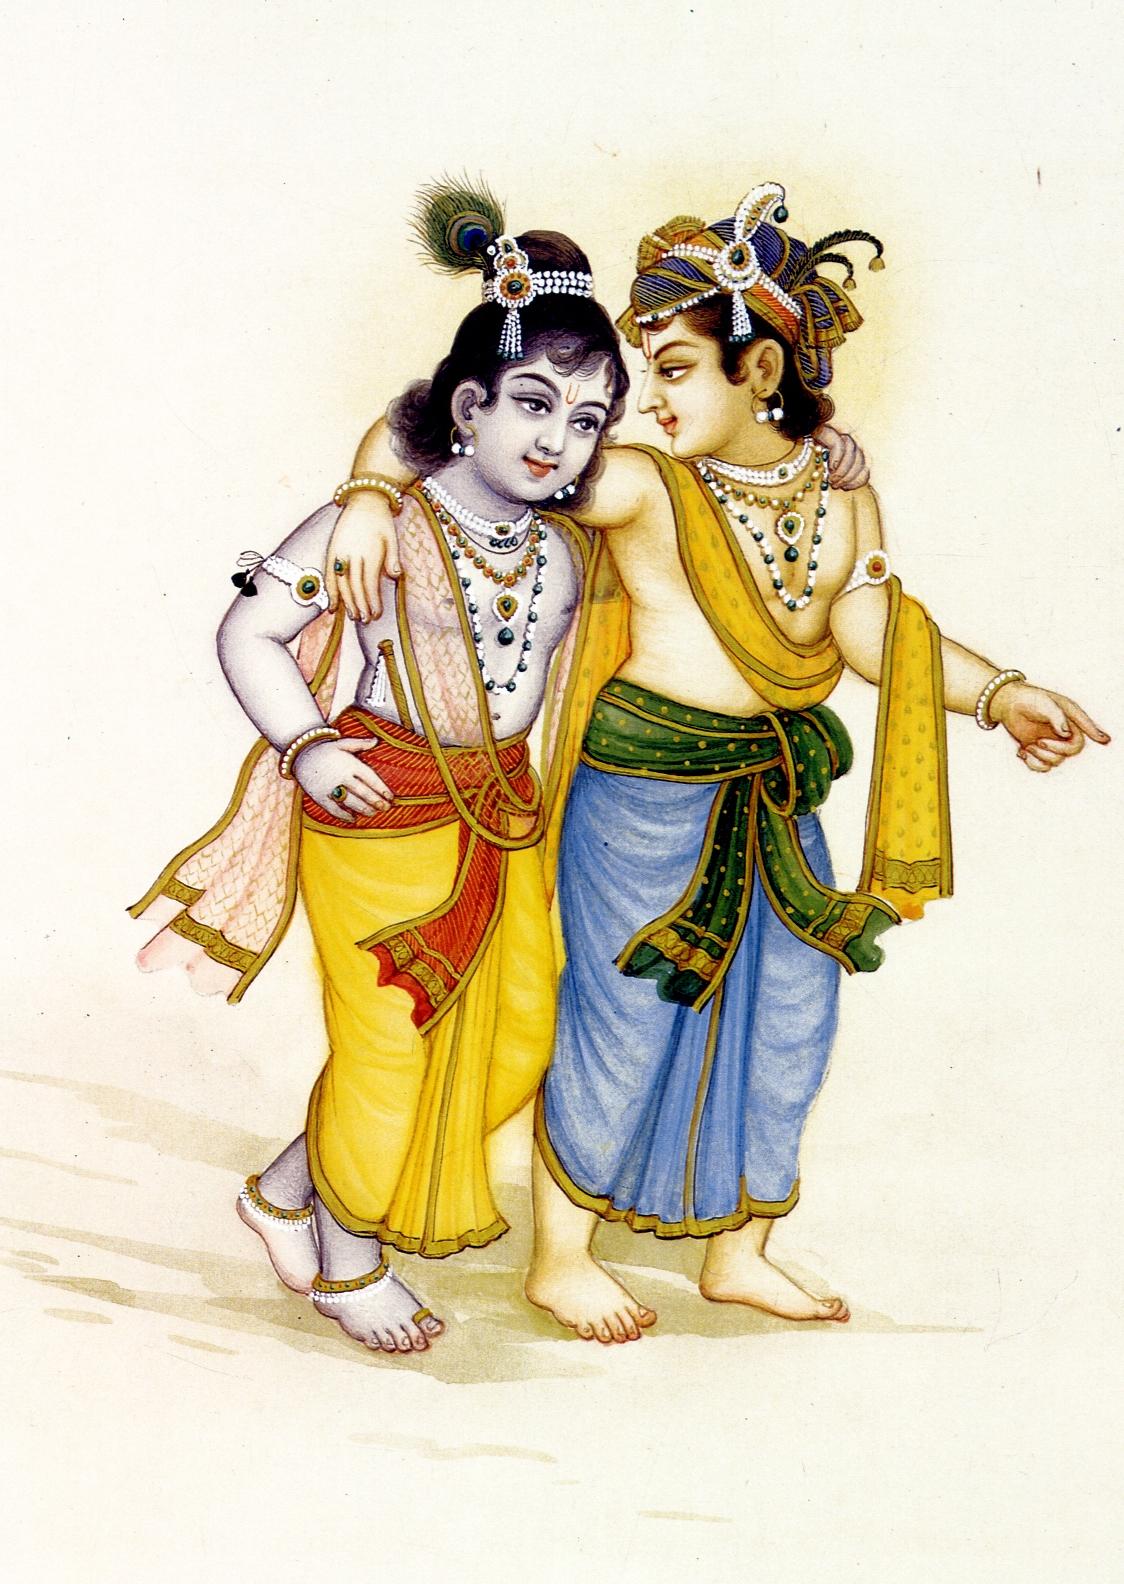 Krsna and Balarama